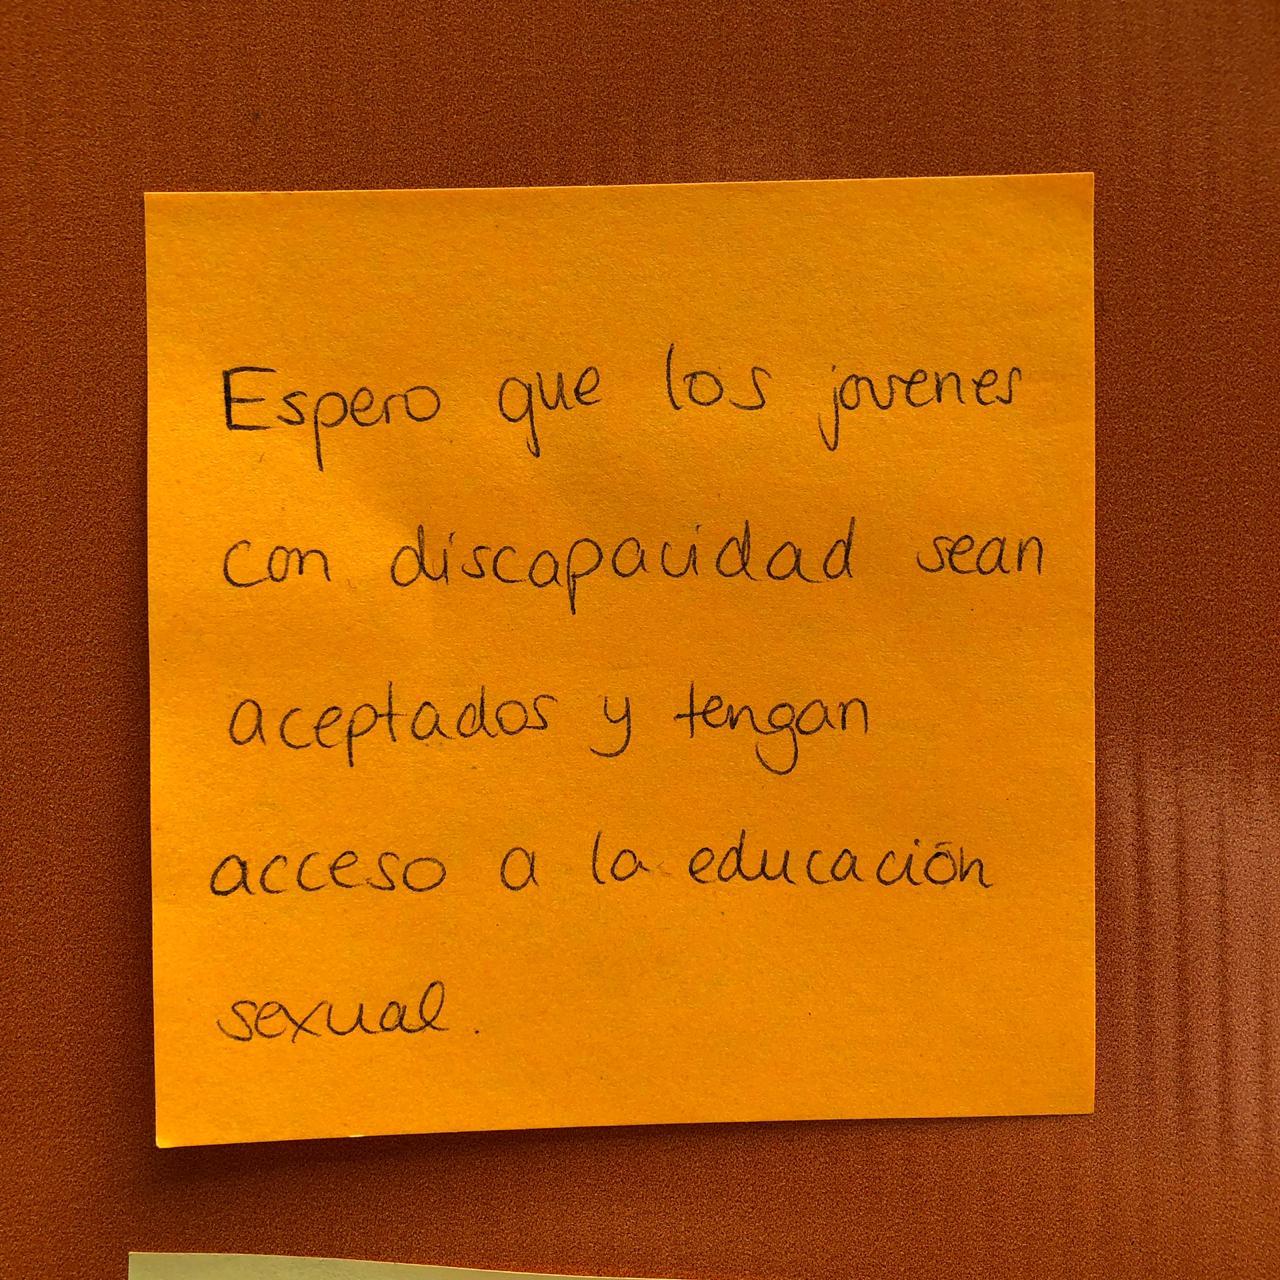 Espero que los jóvenes con discapacidad sean aceptados y tengan acceso a la educación sexual.